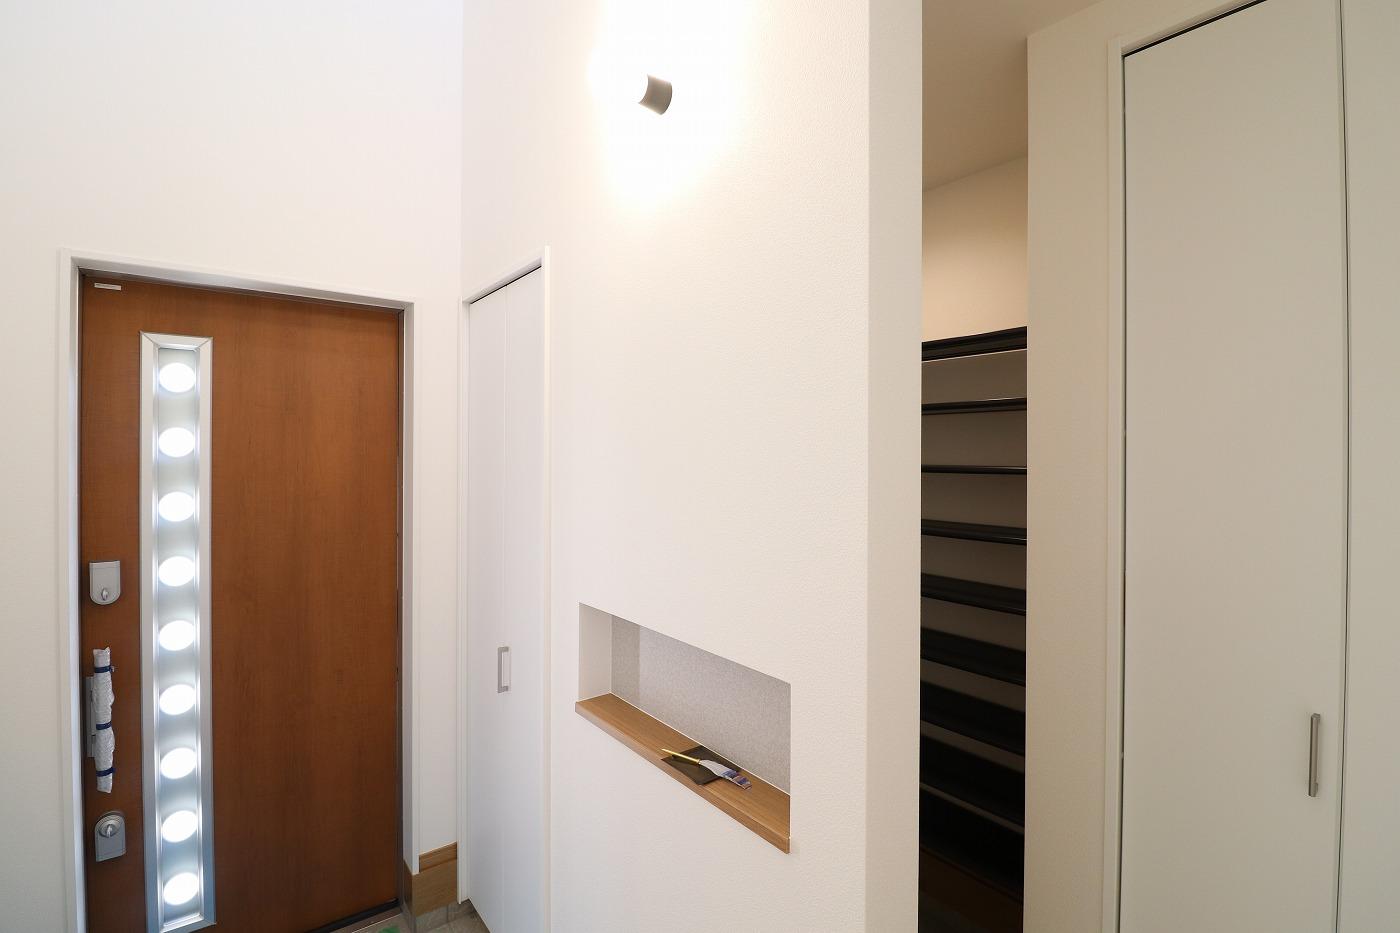 高松市下田井町の新築分譲住宅の玄関シューズクローク